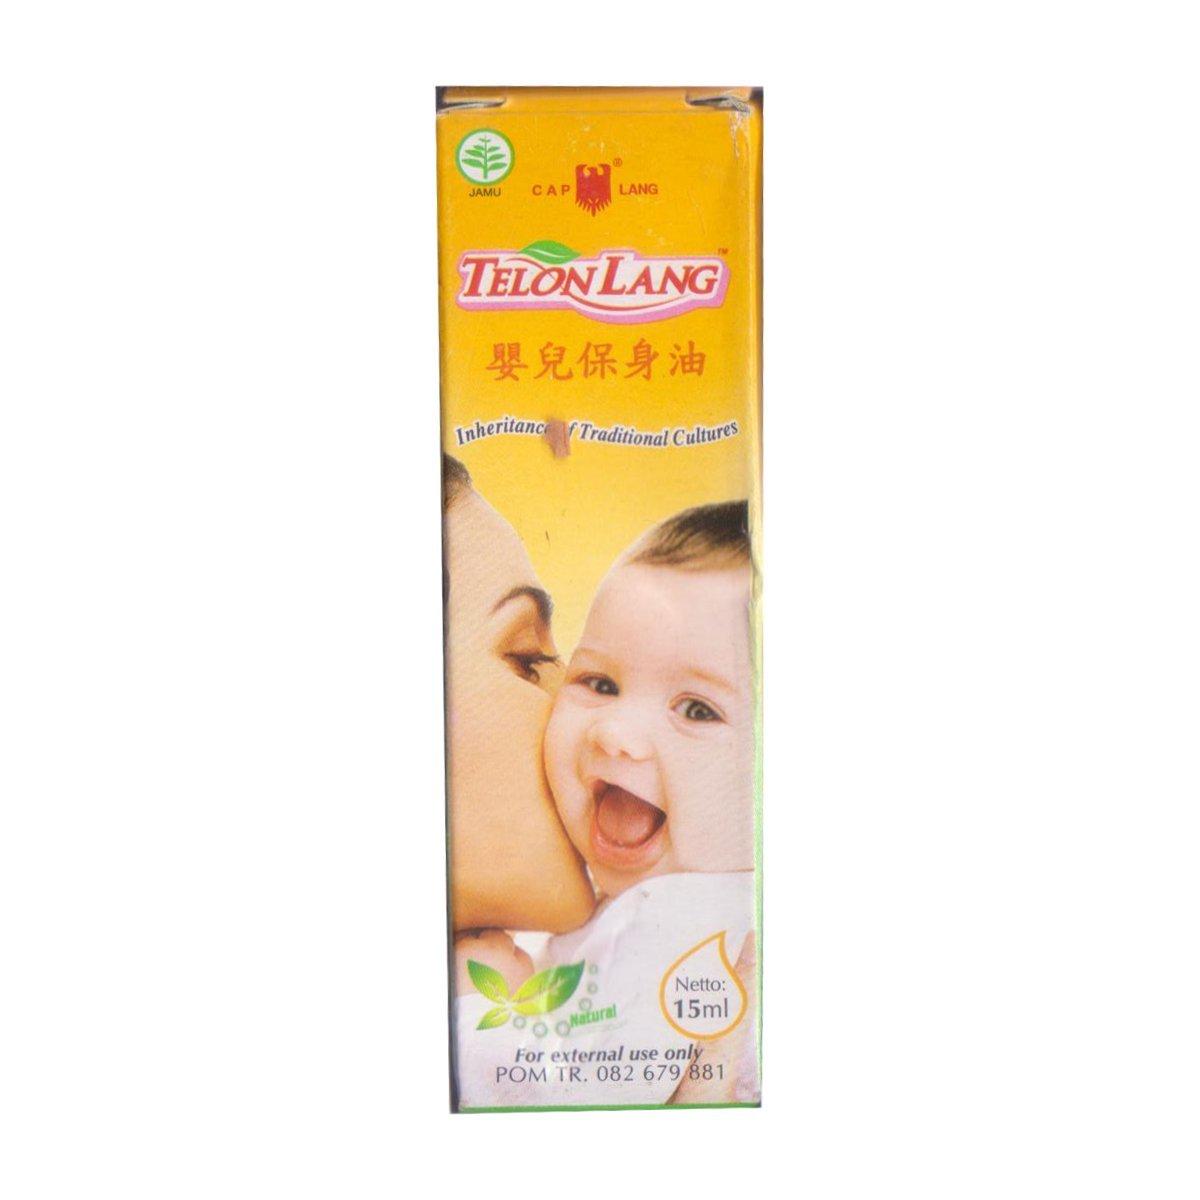 Cap Lang Eagle Brand Telon Oil 30ml Health Personal Care Minyak Kayu Putih Caplang 60ml Dan